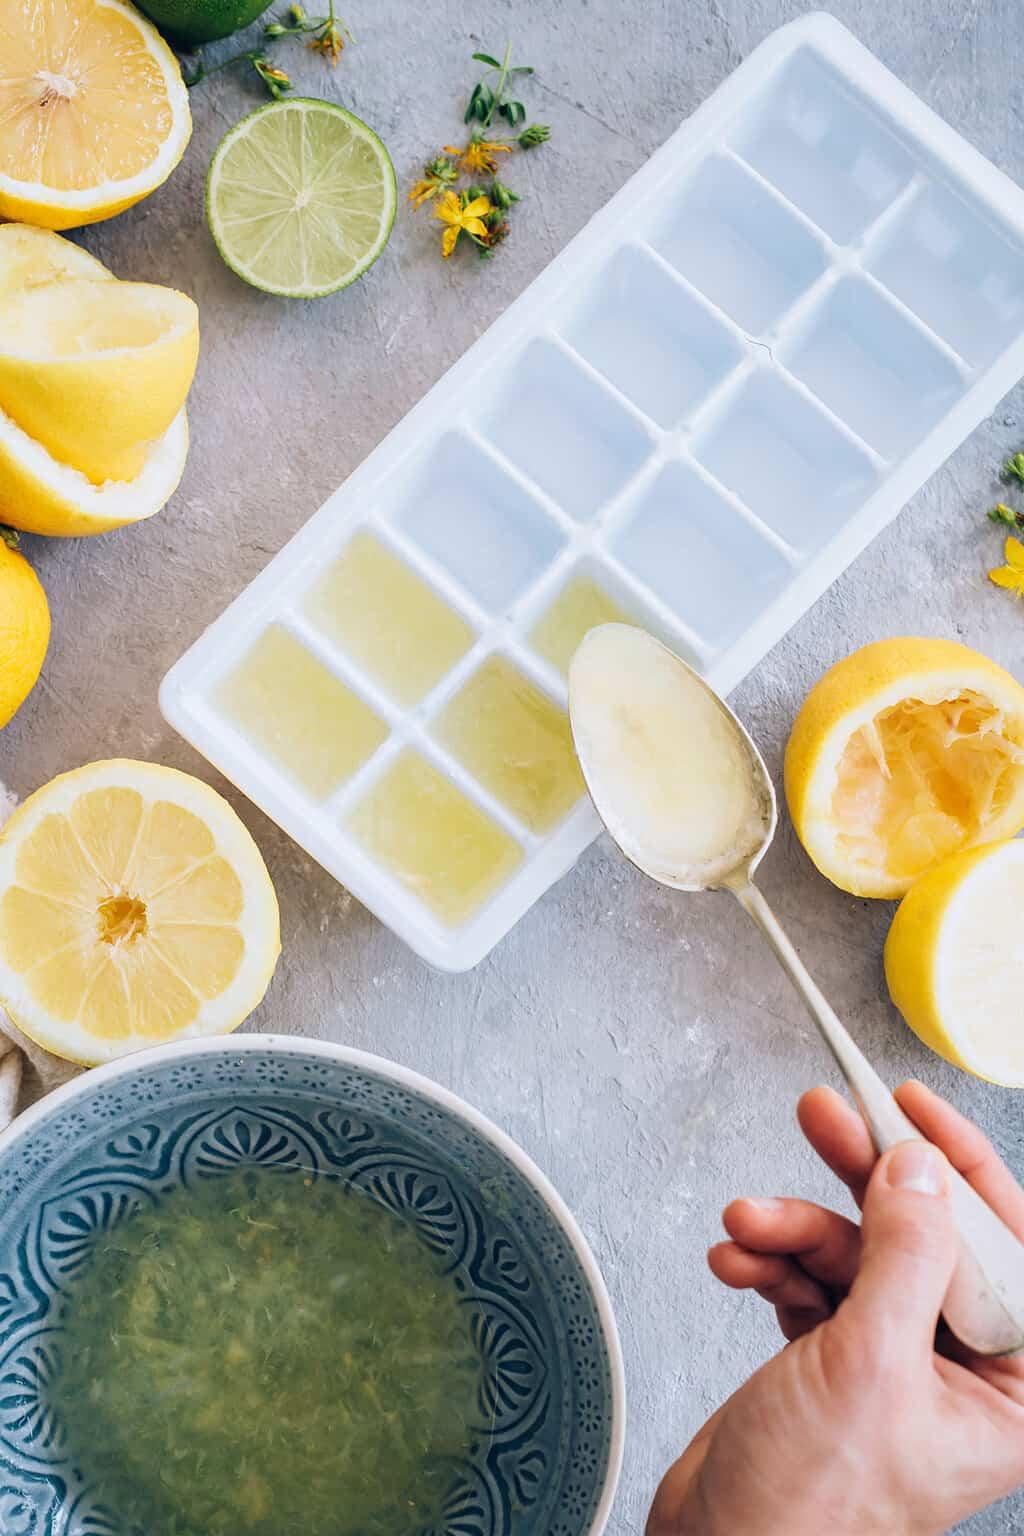 Lemon Juice Ice Cubes